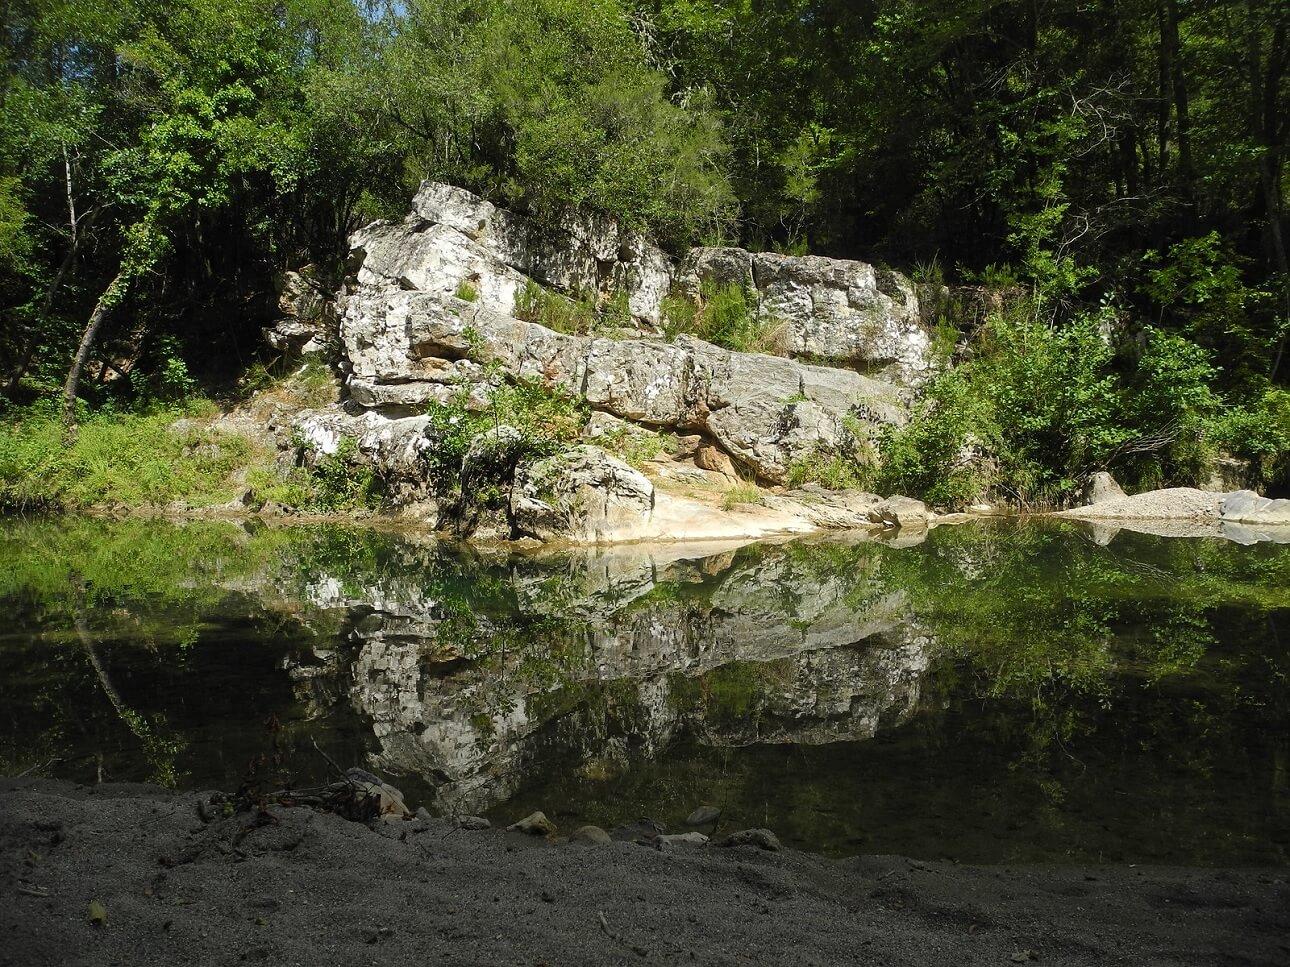 Piscina naturale lungo il corso del fiume Farma